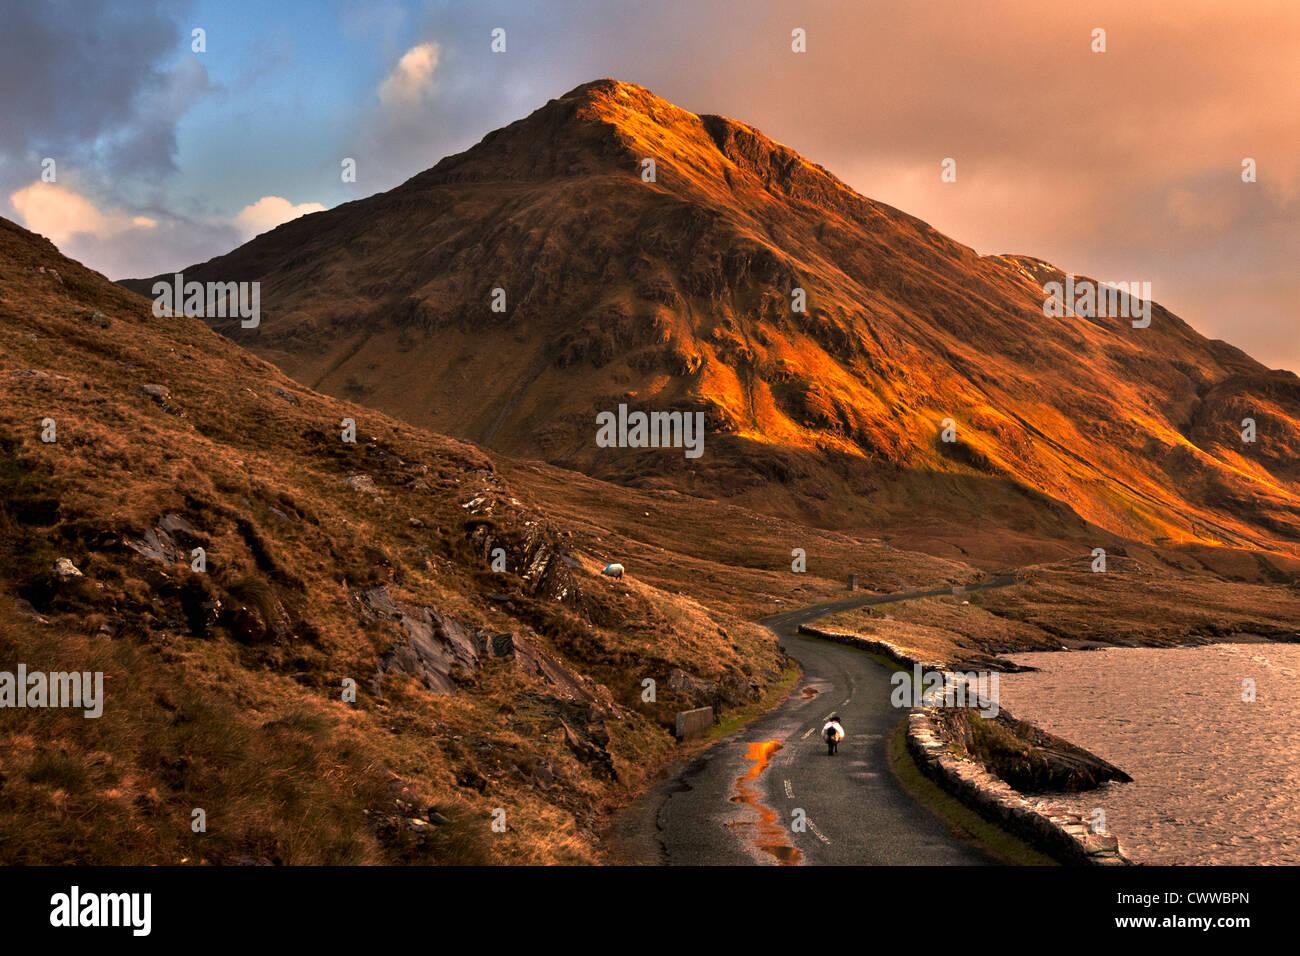 Pecore camminando su rurale strada di montagna Immagini Stock